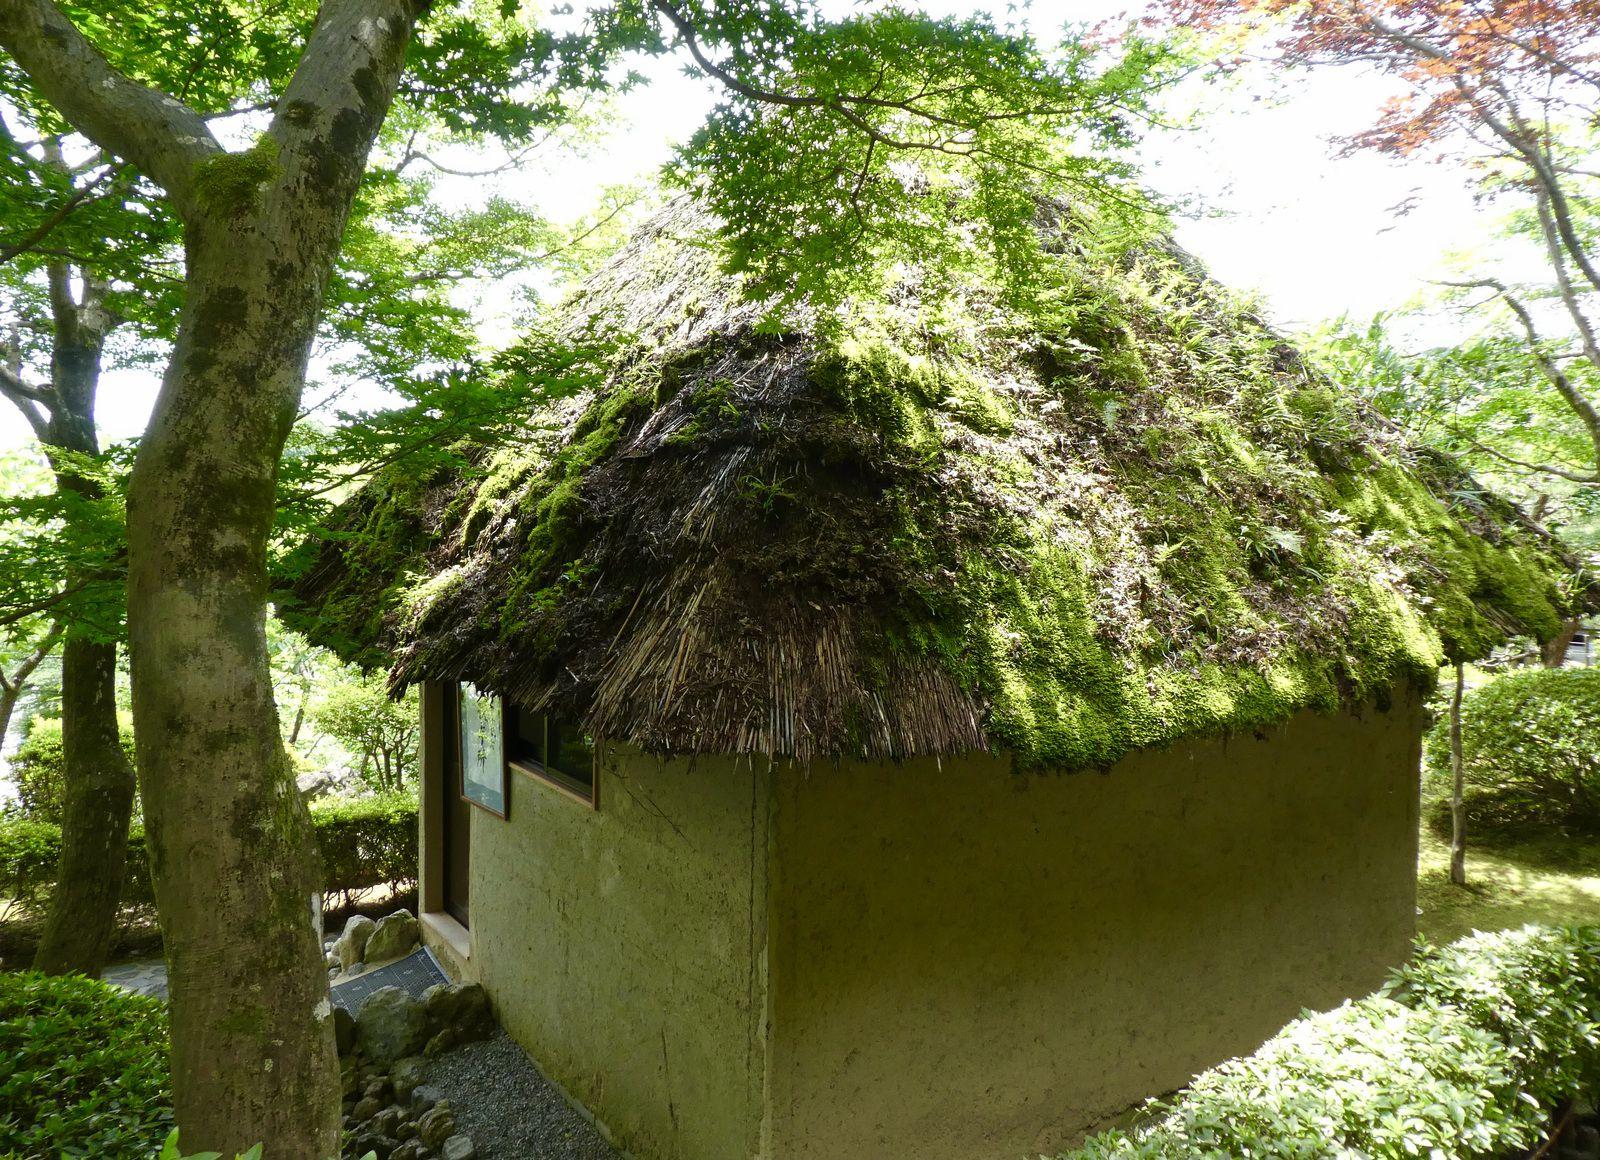 La petite maison de thé. J'aime bien les mousses et les herbes qui poussent sur les chaumes du toit.